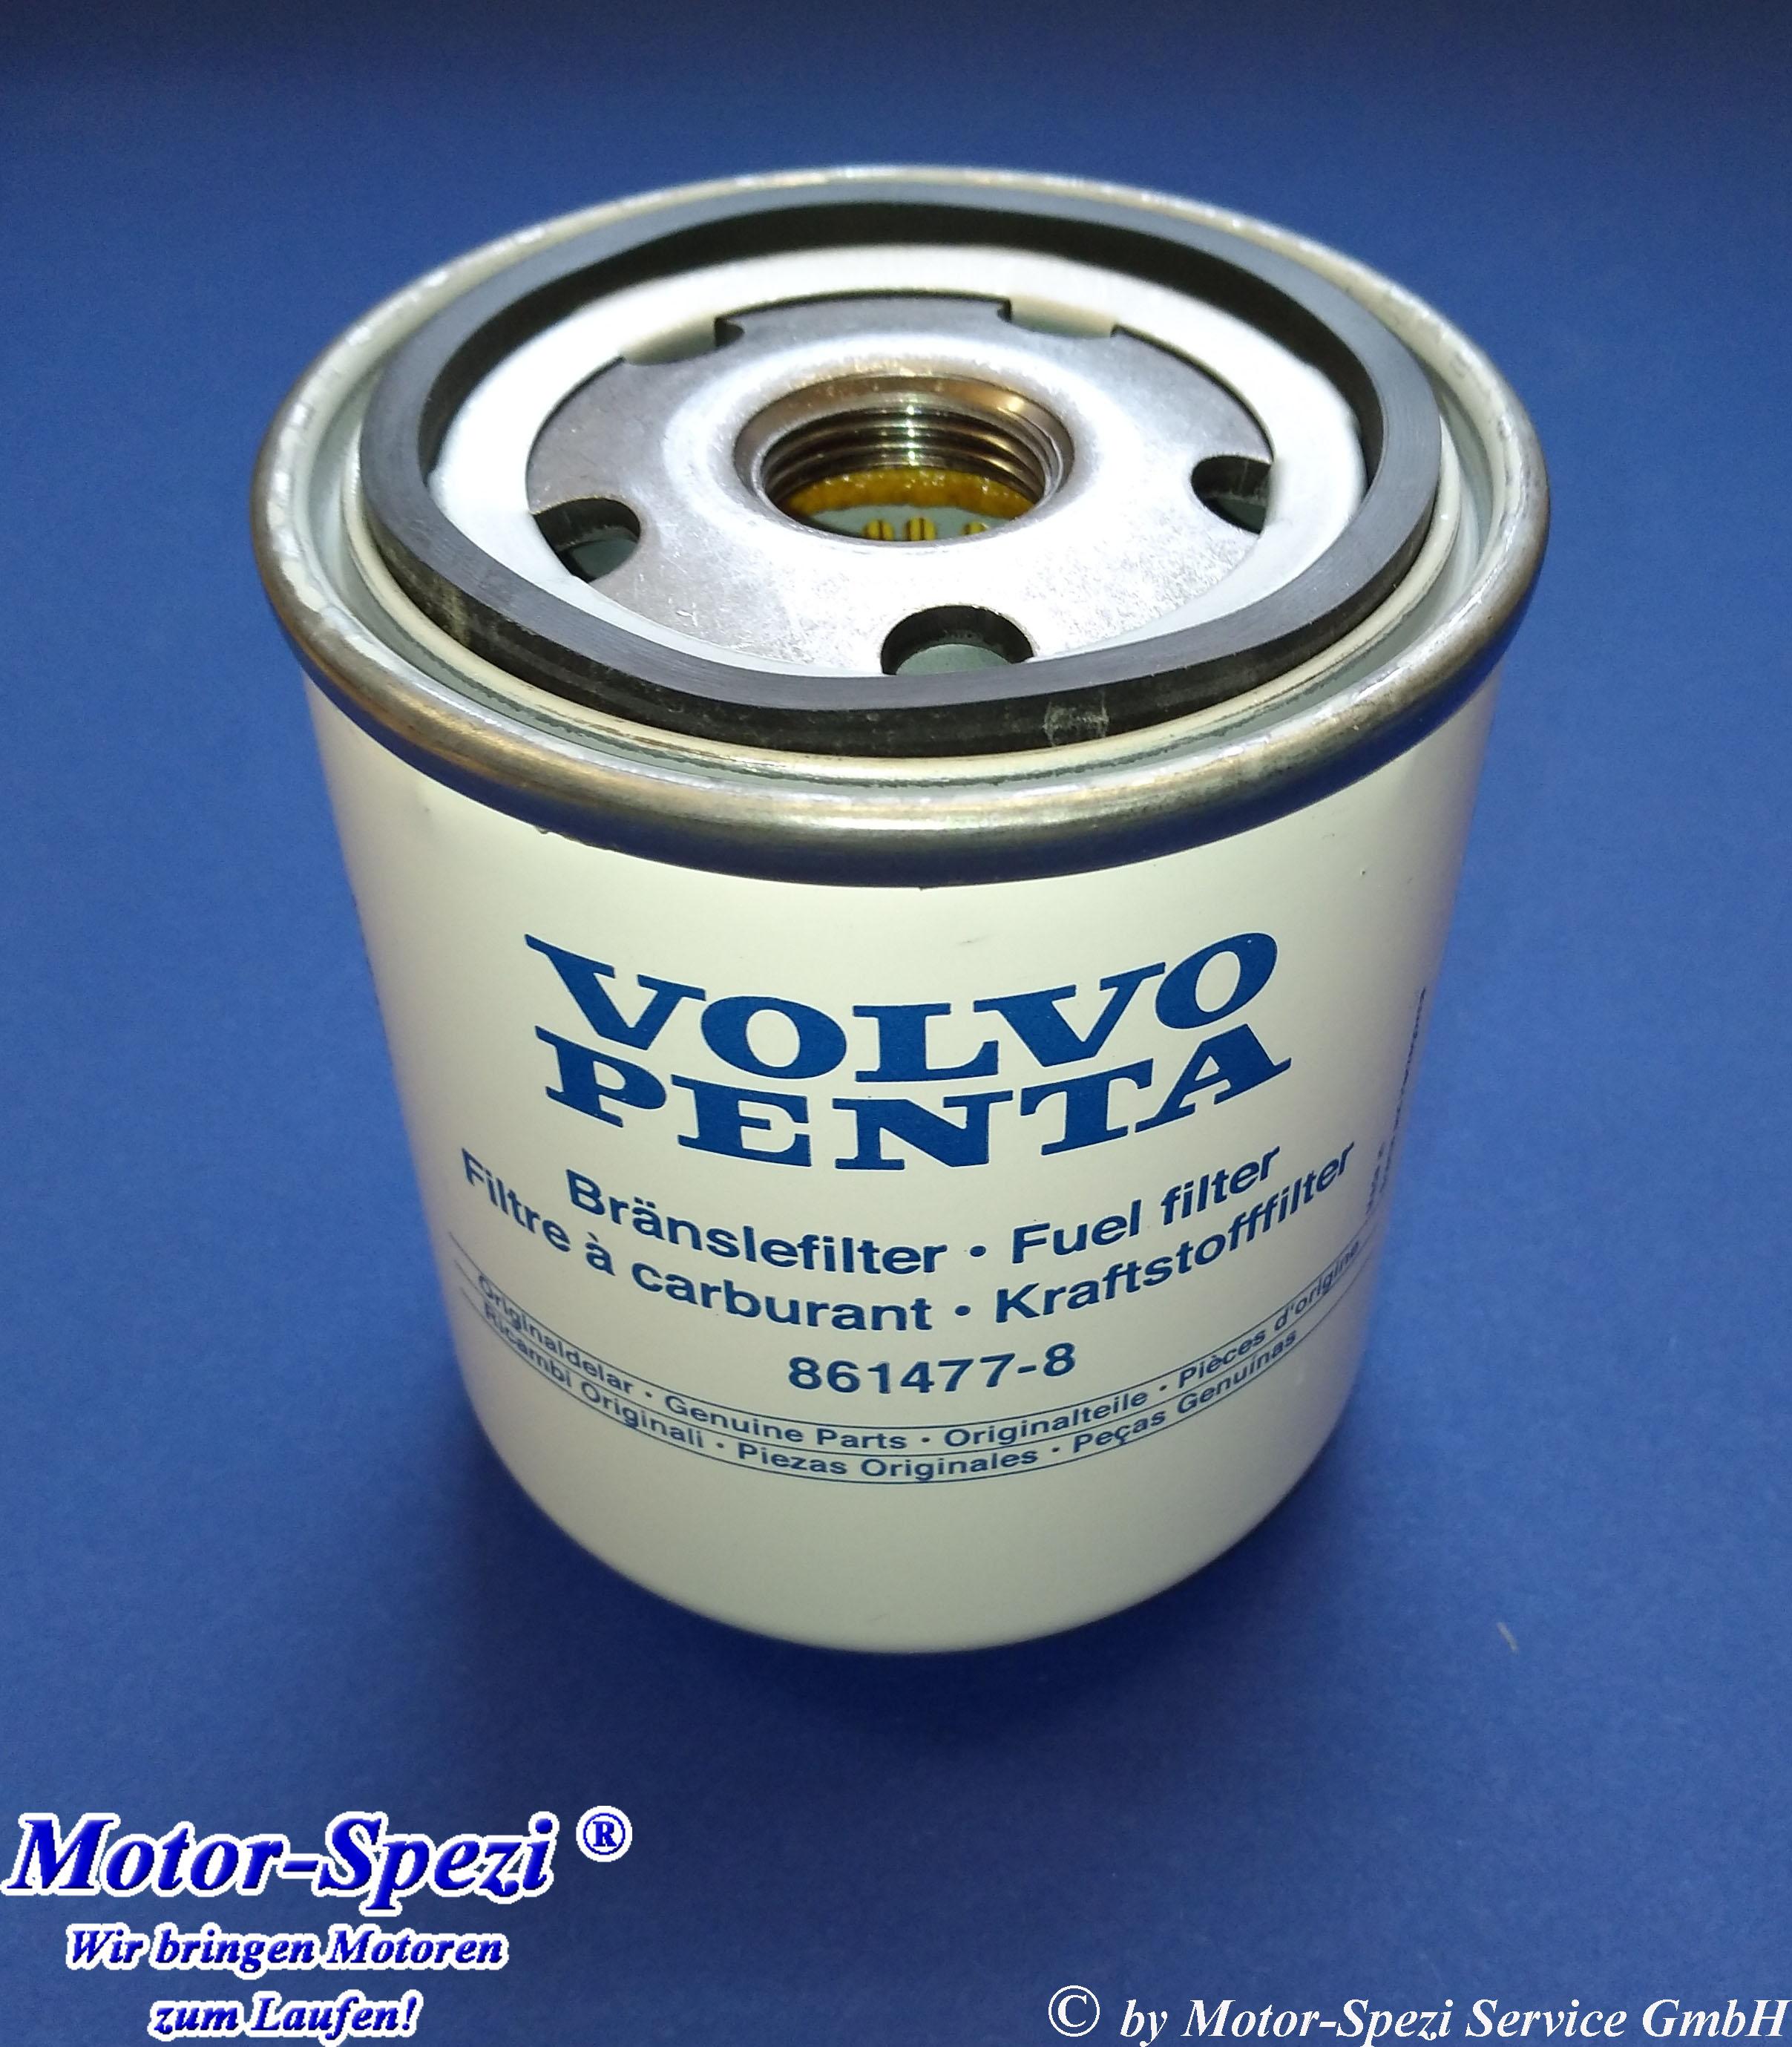 Motor Spezi Volvo Penta Kraftstofffilter Passt Fr D1 13 20 Boat Fuel Filter Location Und 30